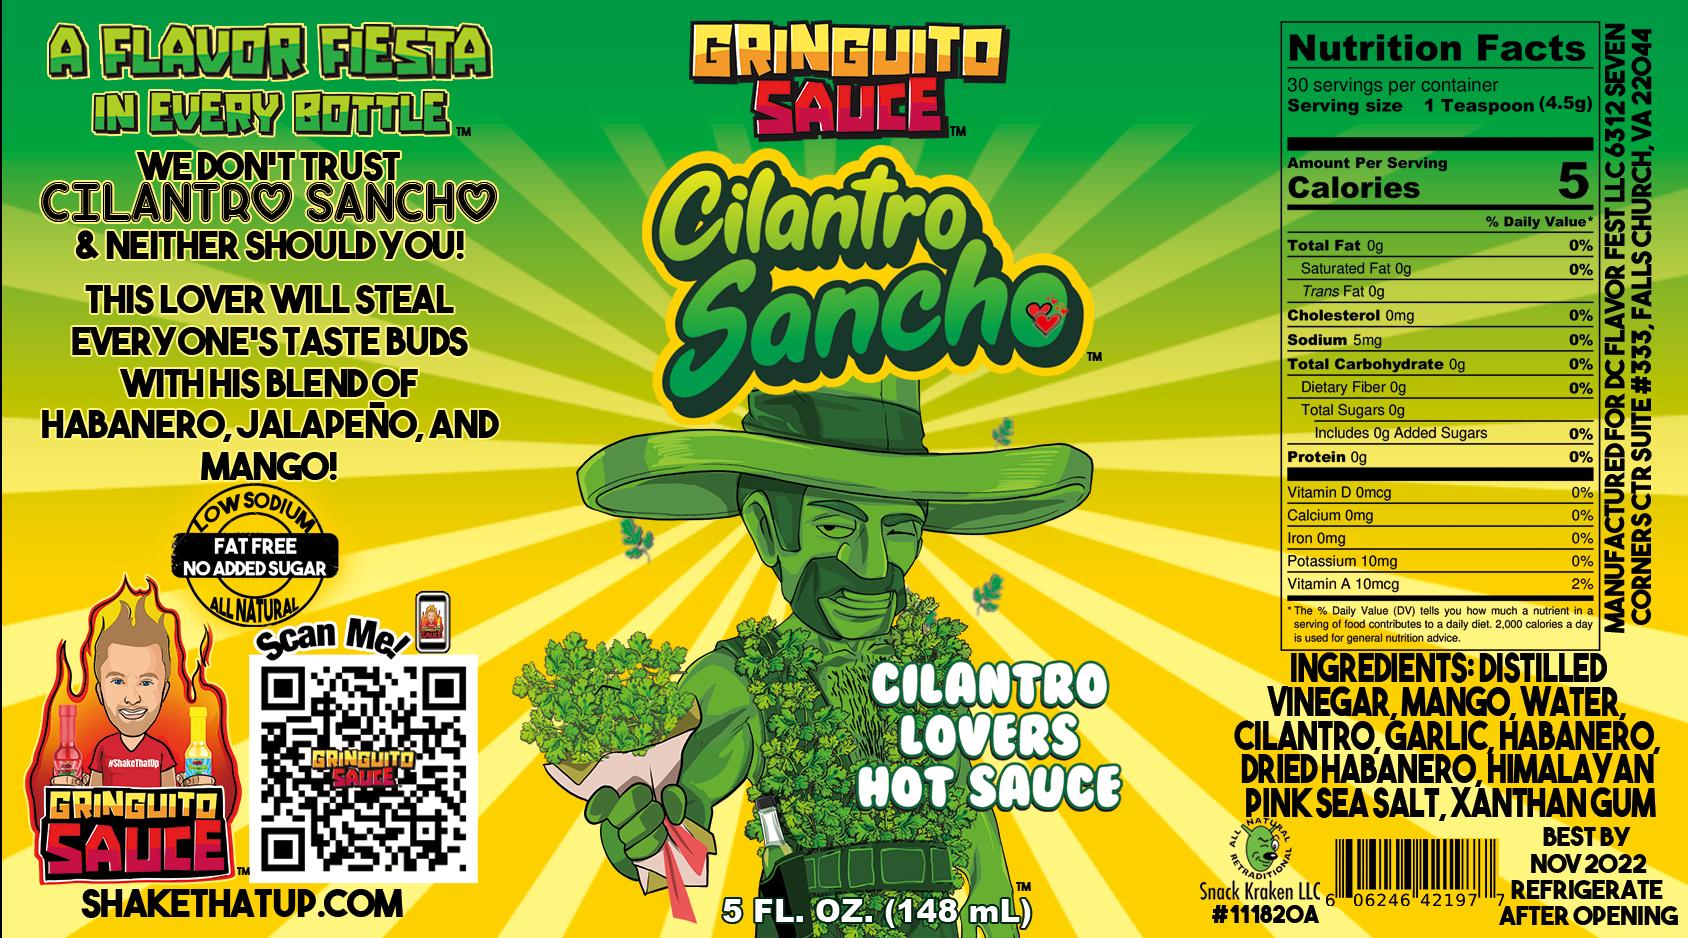 Cilantro-sancho-Label